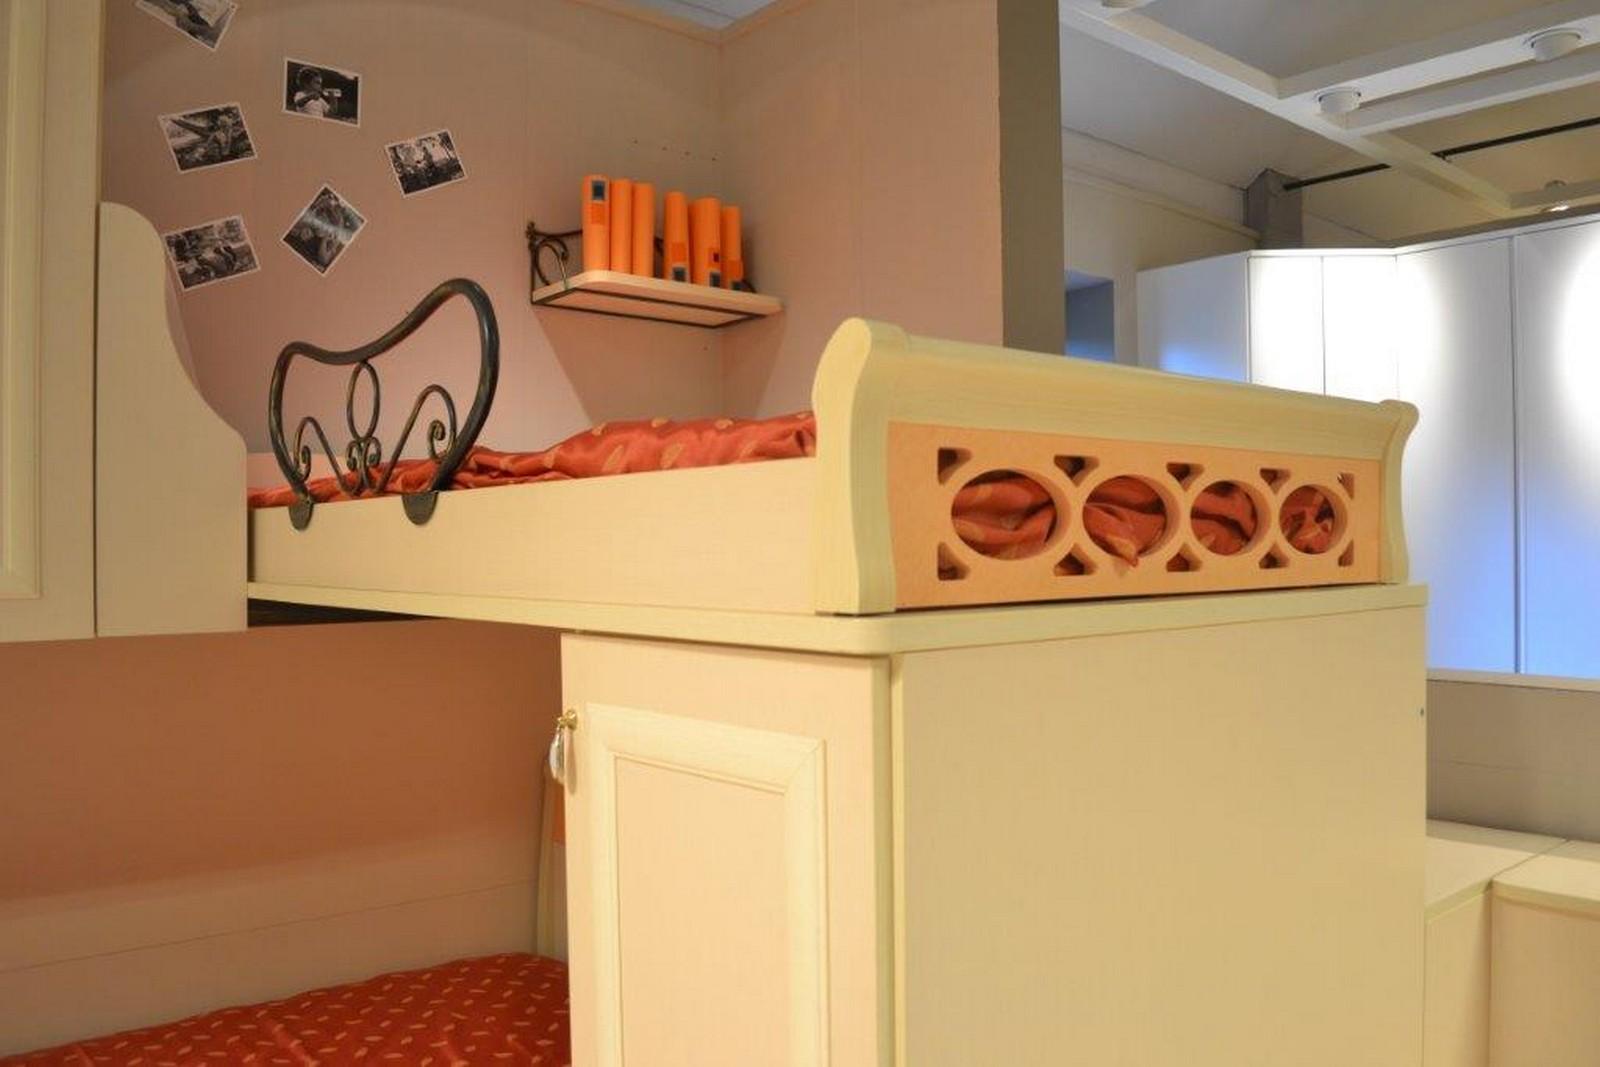 Cameretta gioia itb centro dell 39 arredamento di savona for Centro dell arredamento savona